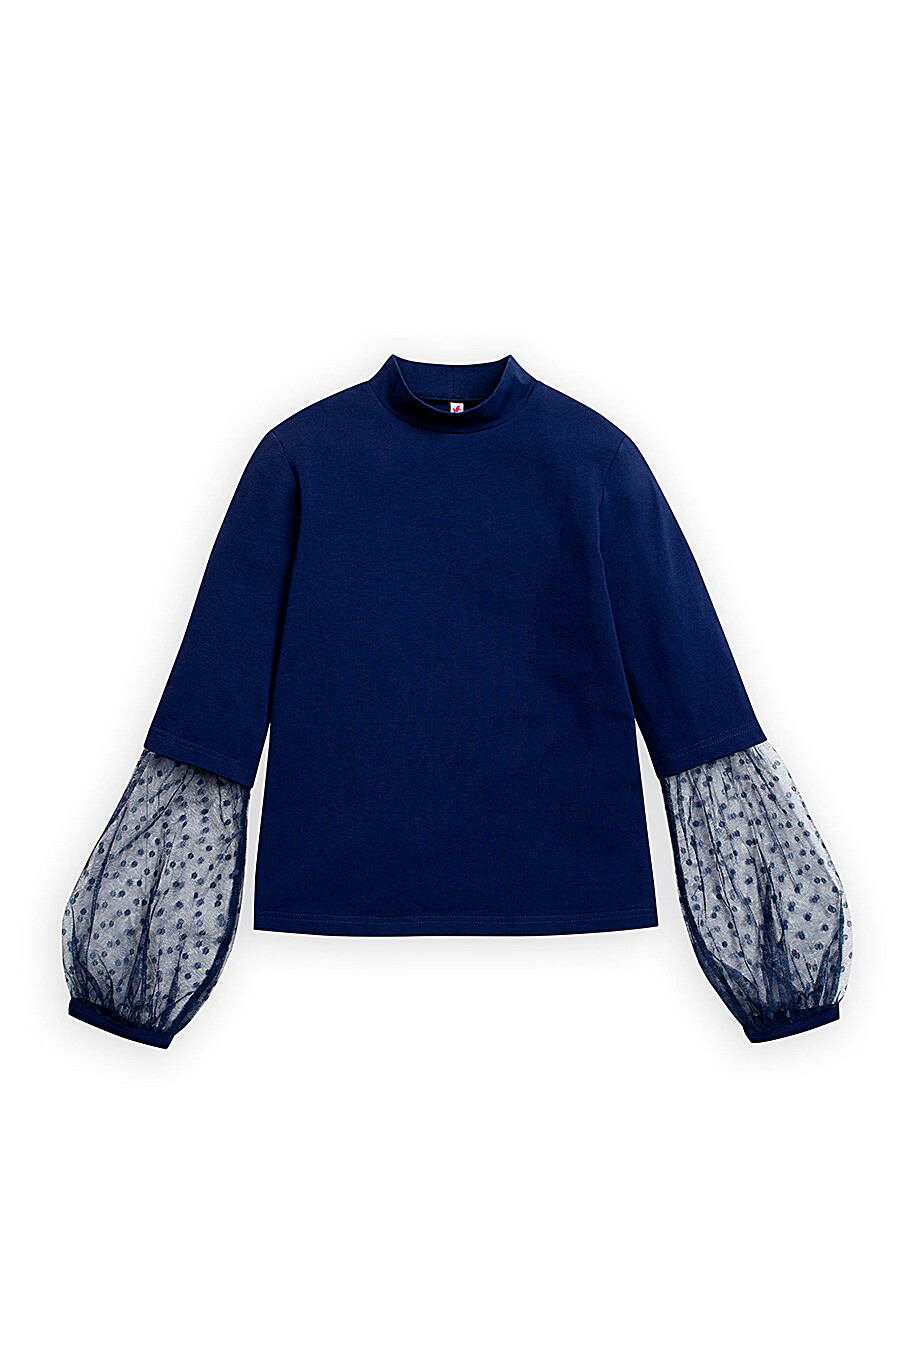 Блузка для девочек PELICAN 218569 купить оптом от производителя. Совместная покупка детской одежды в OptMoyo